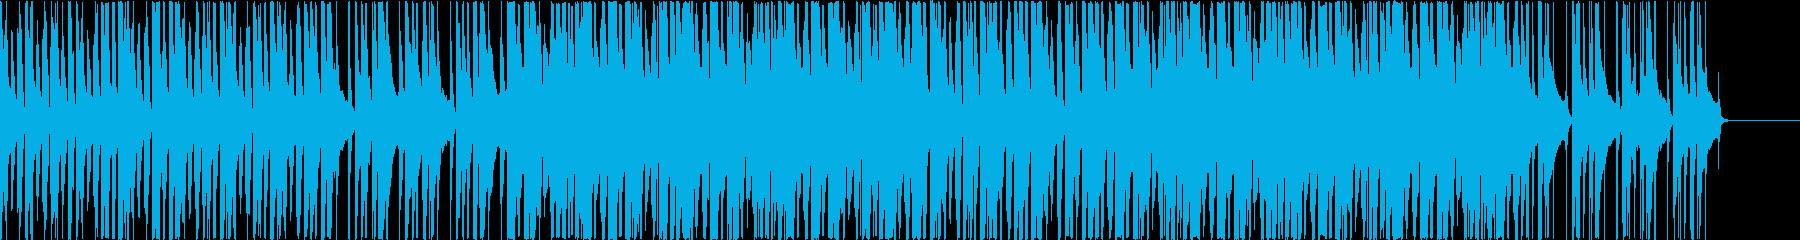 ウクレレ、ポップ、爽やか、CMに最適Aの再生済みの波形